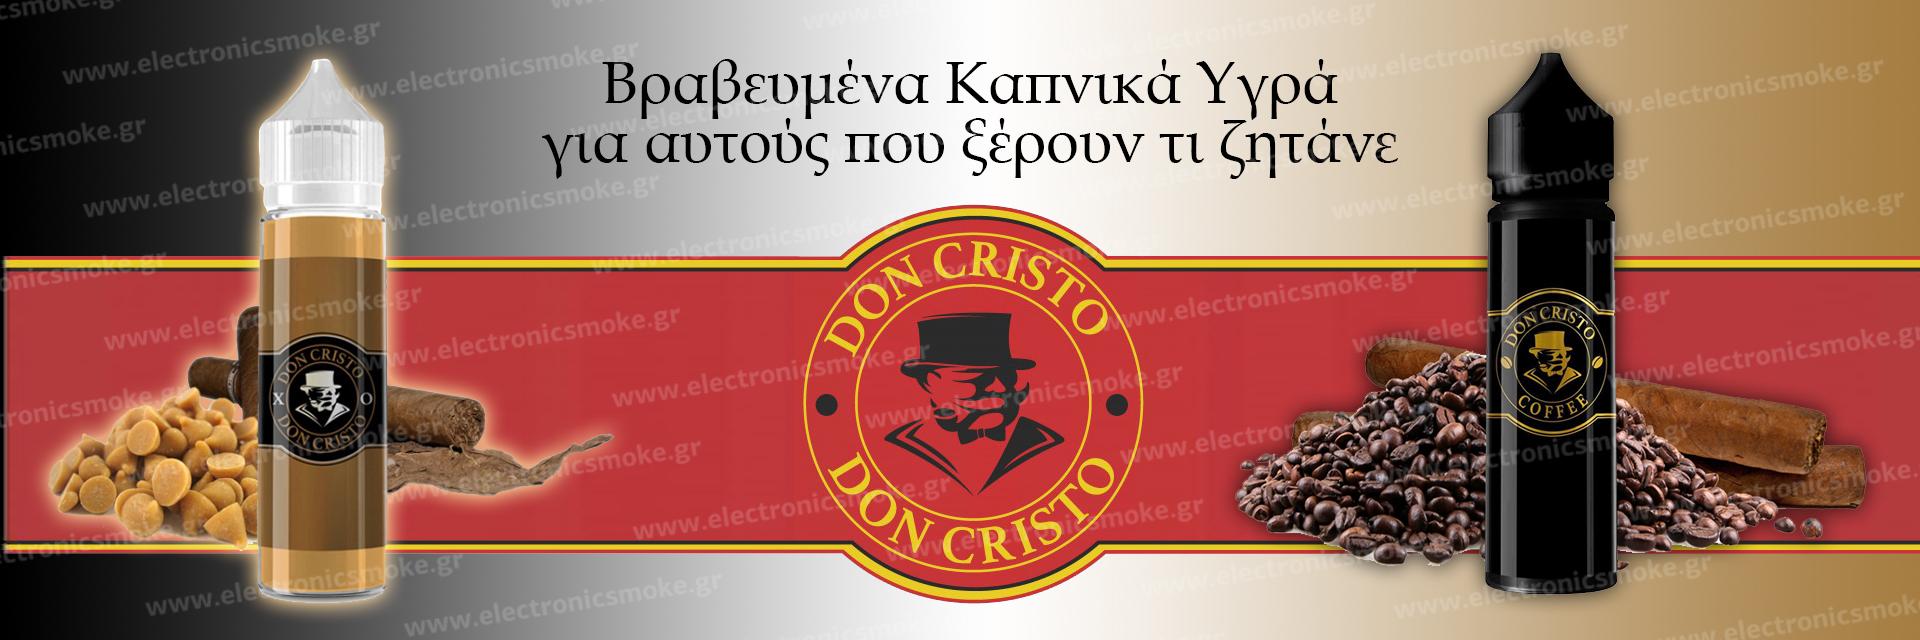 don_cristo